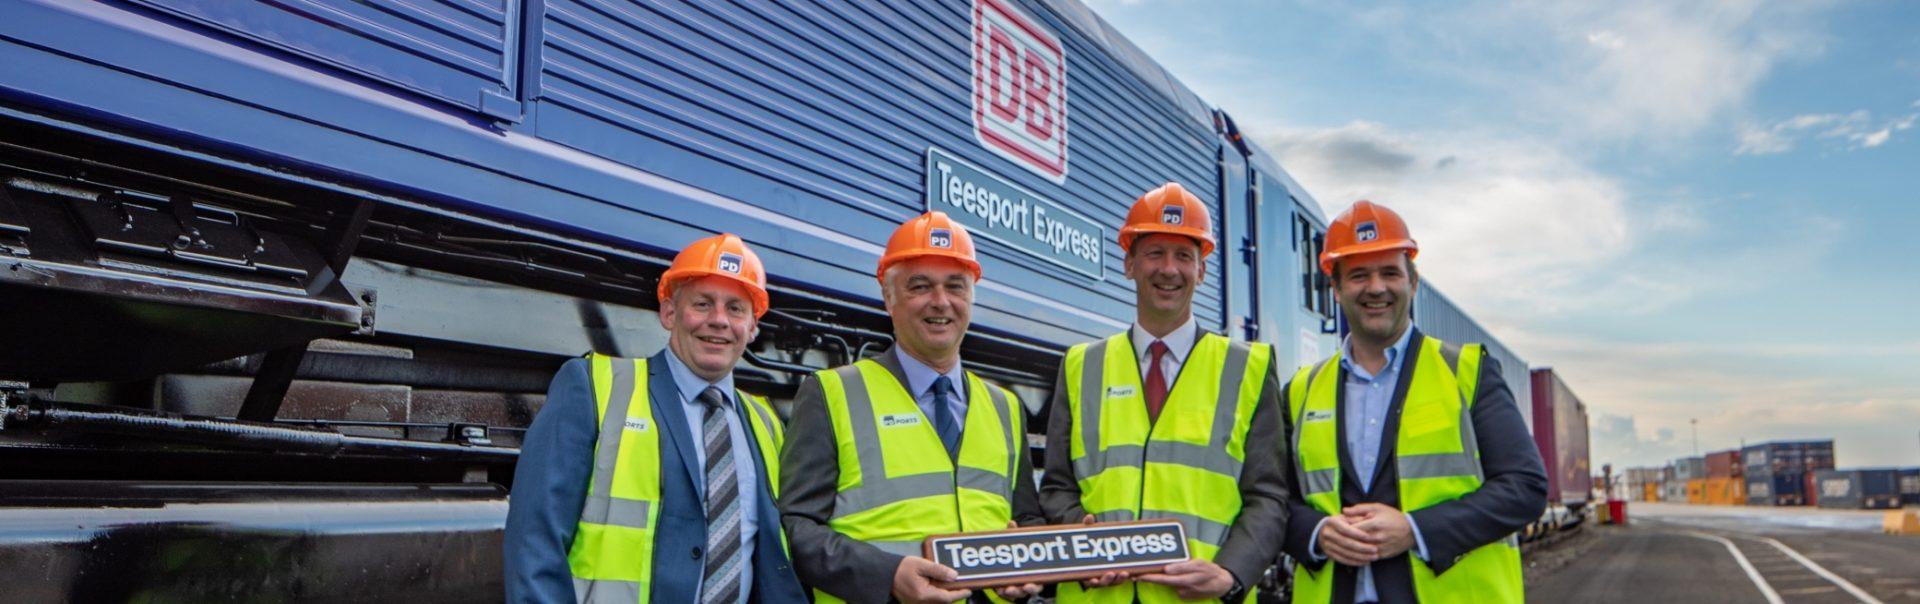 Teesport Express